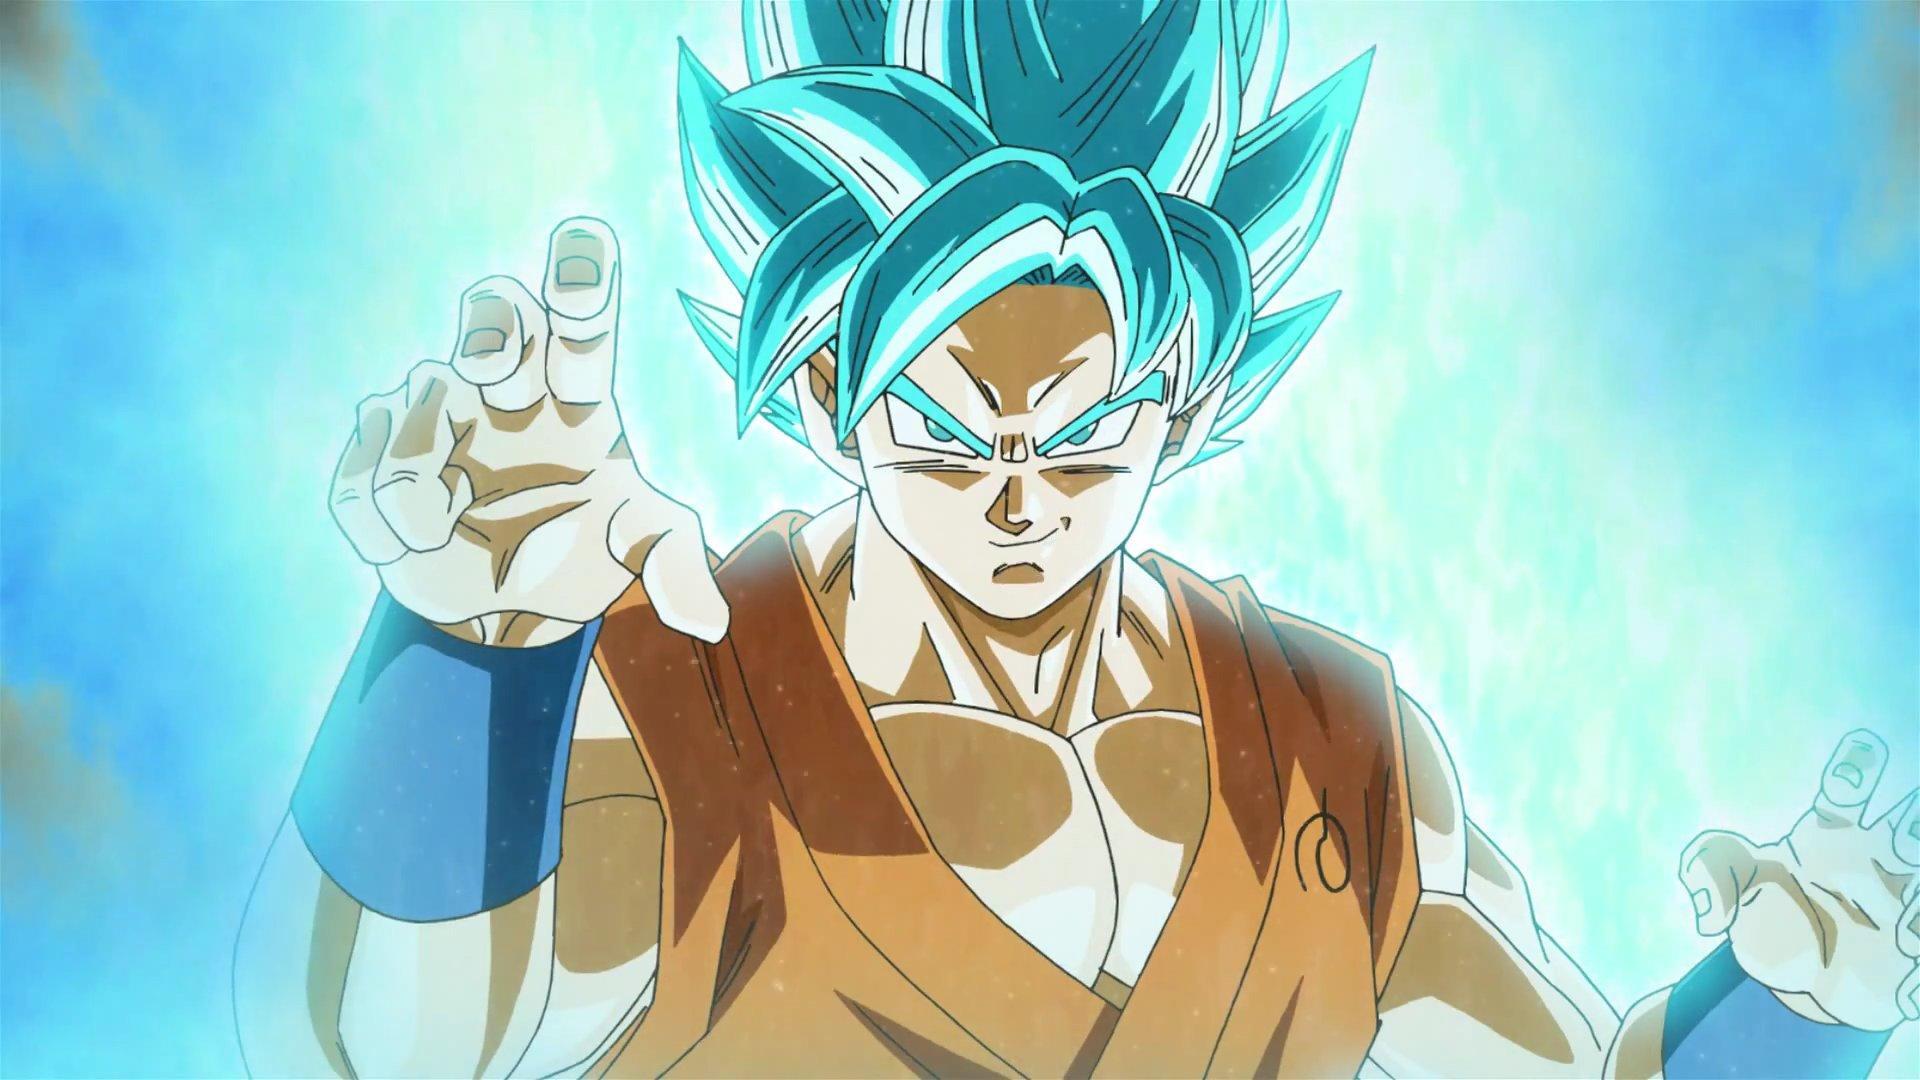 Goku Sailor Moon Y Naruto Seran Embajadores De Los Juegos Olimpicos